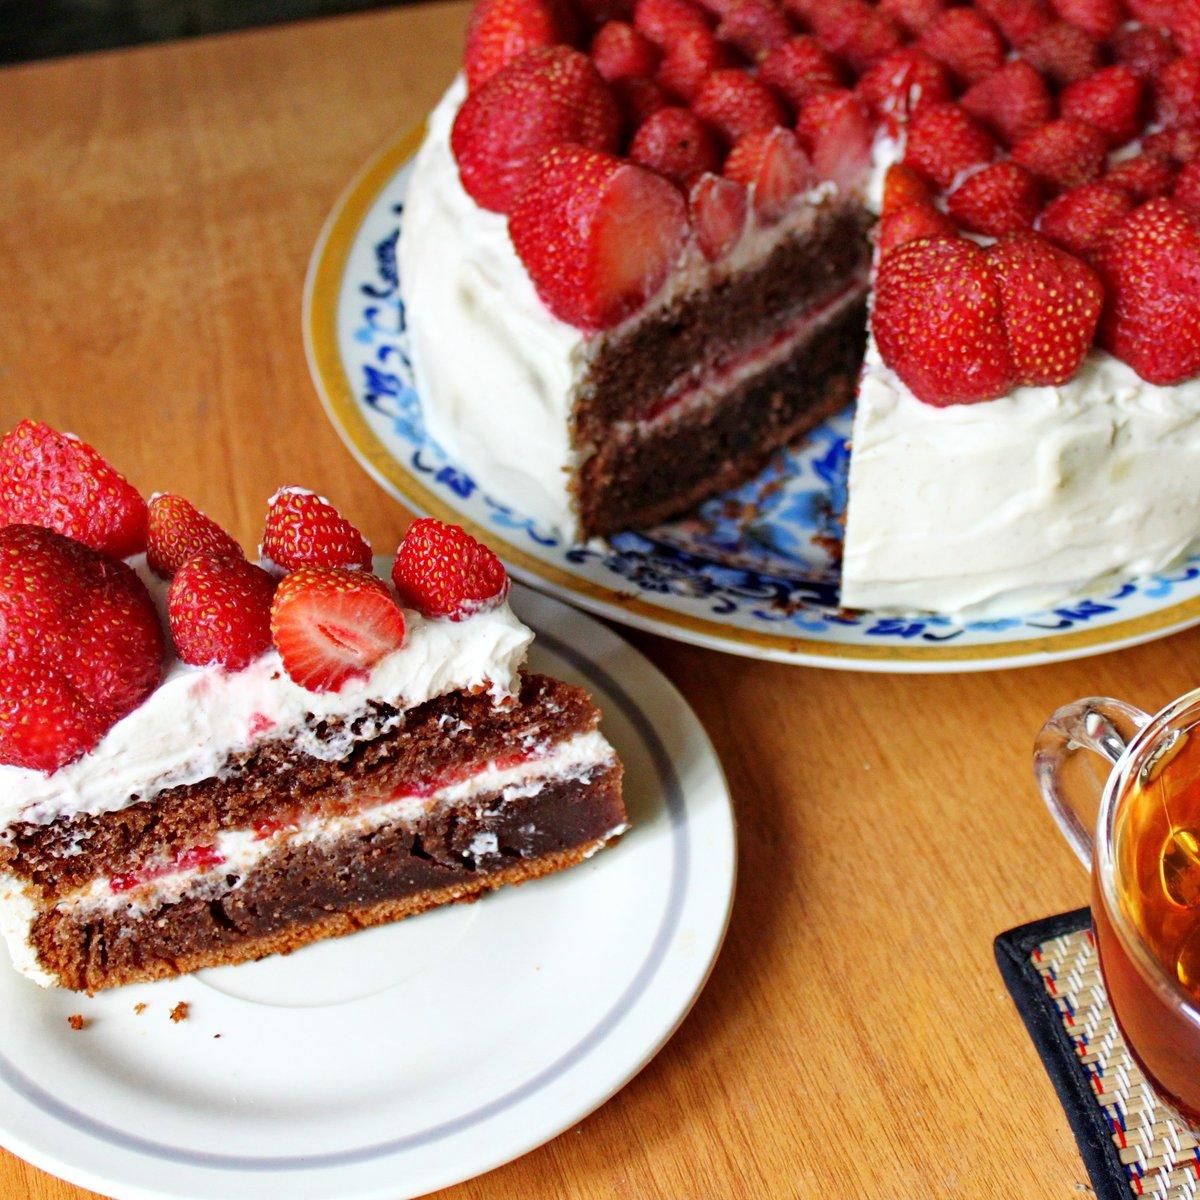 свое капучино, торт из маскарпоне рецепт с фото пошагово мощных